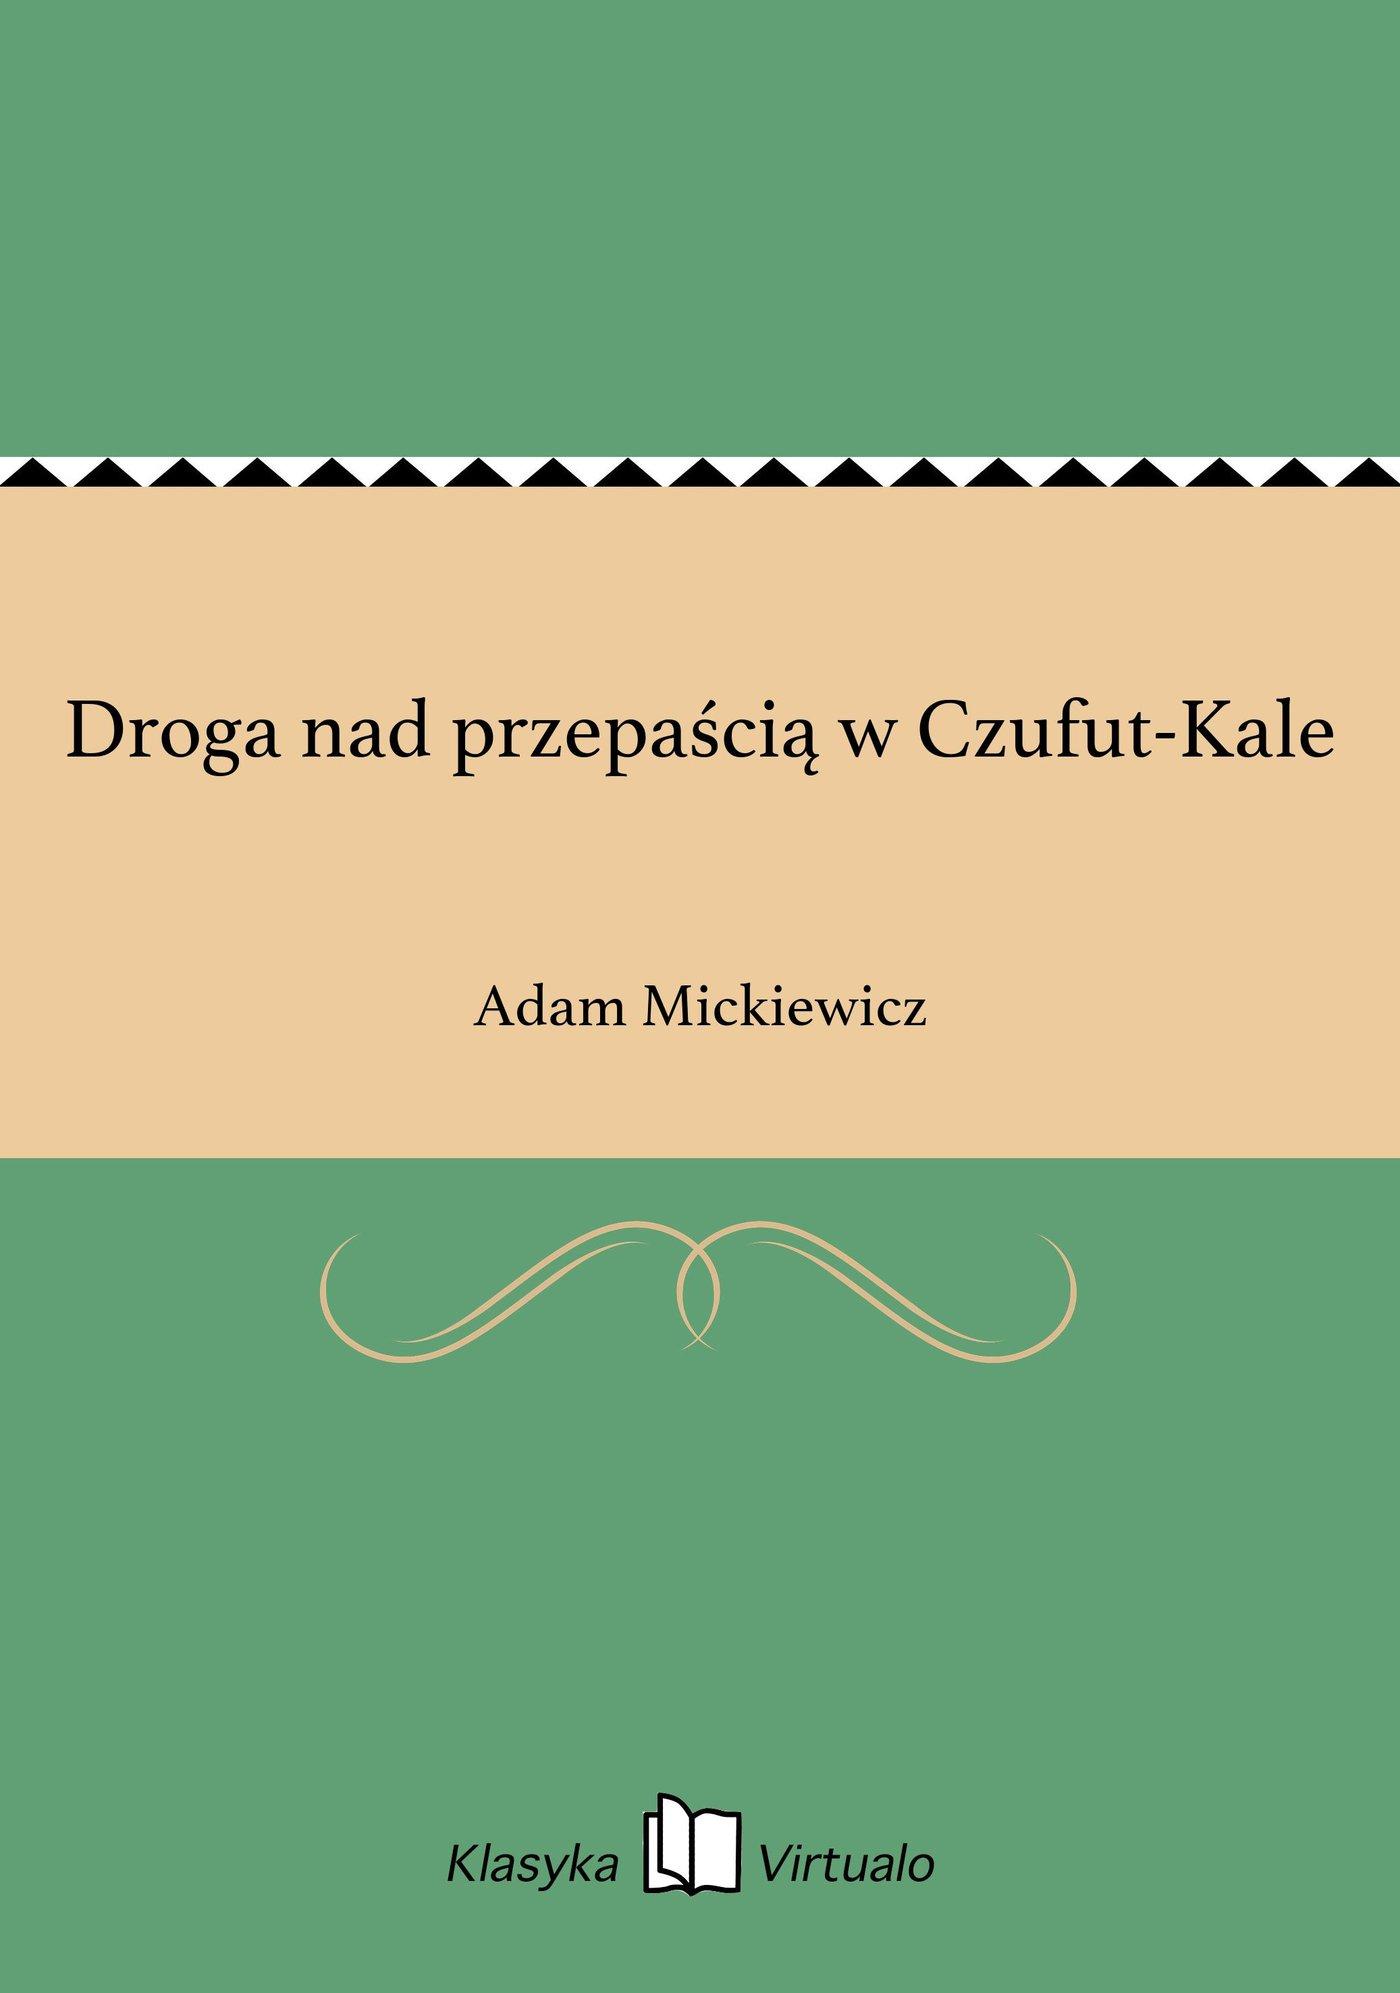 Droga nad przepaścią w Czufut-Kale - Ebook (Książka EPUB) do pobrania w formacie EPUB